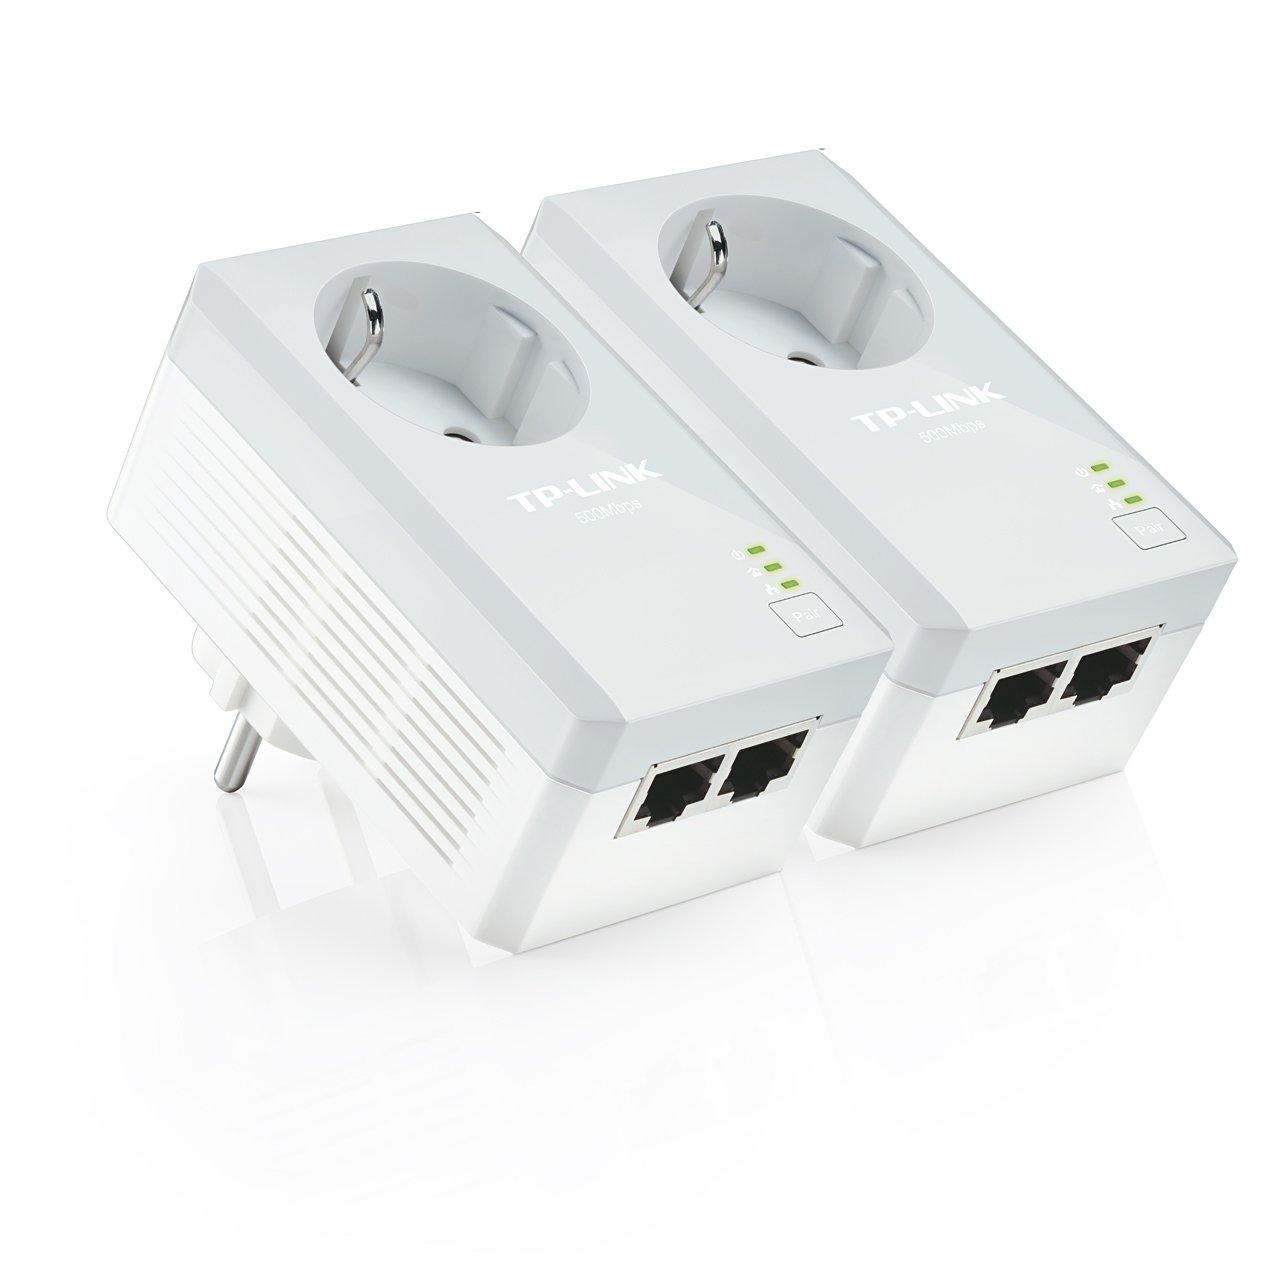 TP LINK TL PAPKIT Extensor de red por línea eléctrica con enchufe